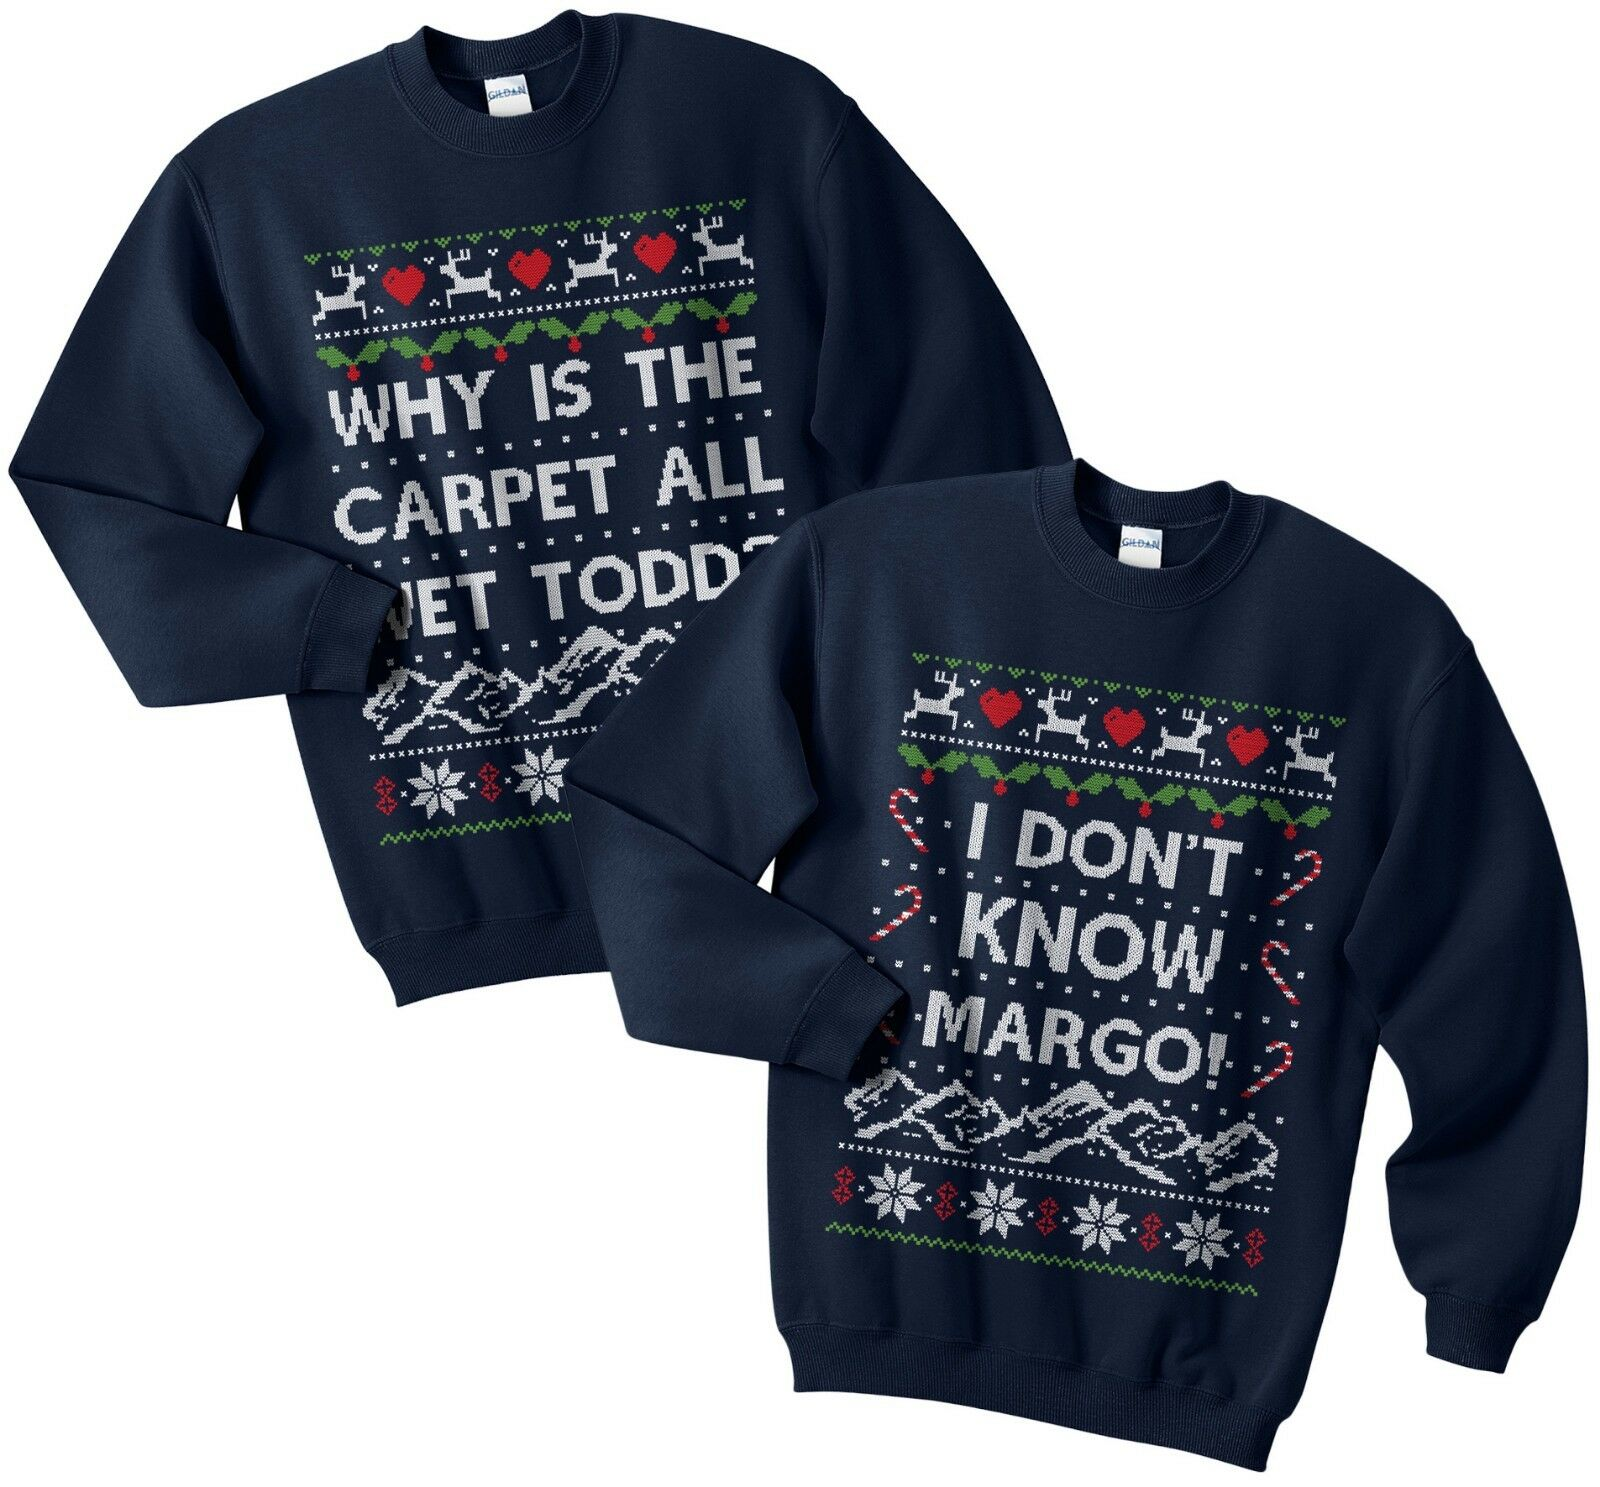 0e7f8e613418 Perché il tappeto tutti tutti tutti Wet Todd Christmas Sweater Jumper Set  Diverdeente corrispondenti Margo ffae72